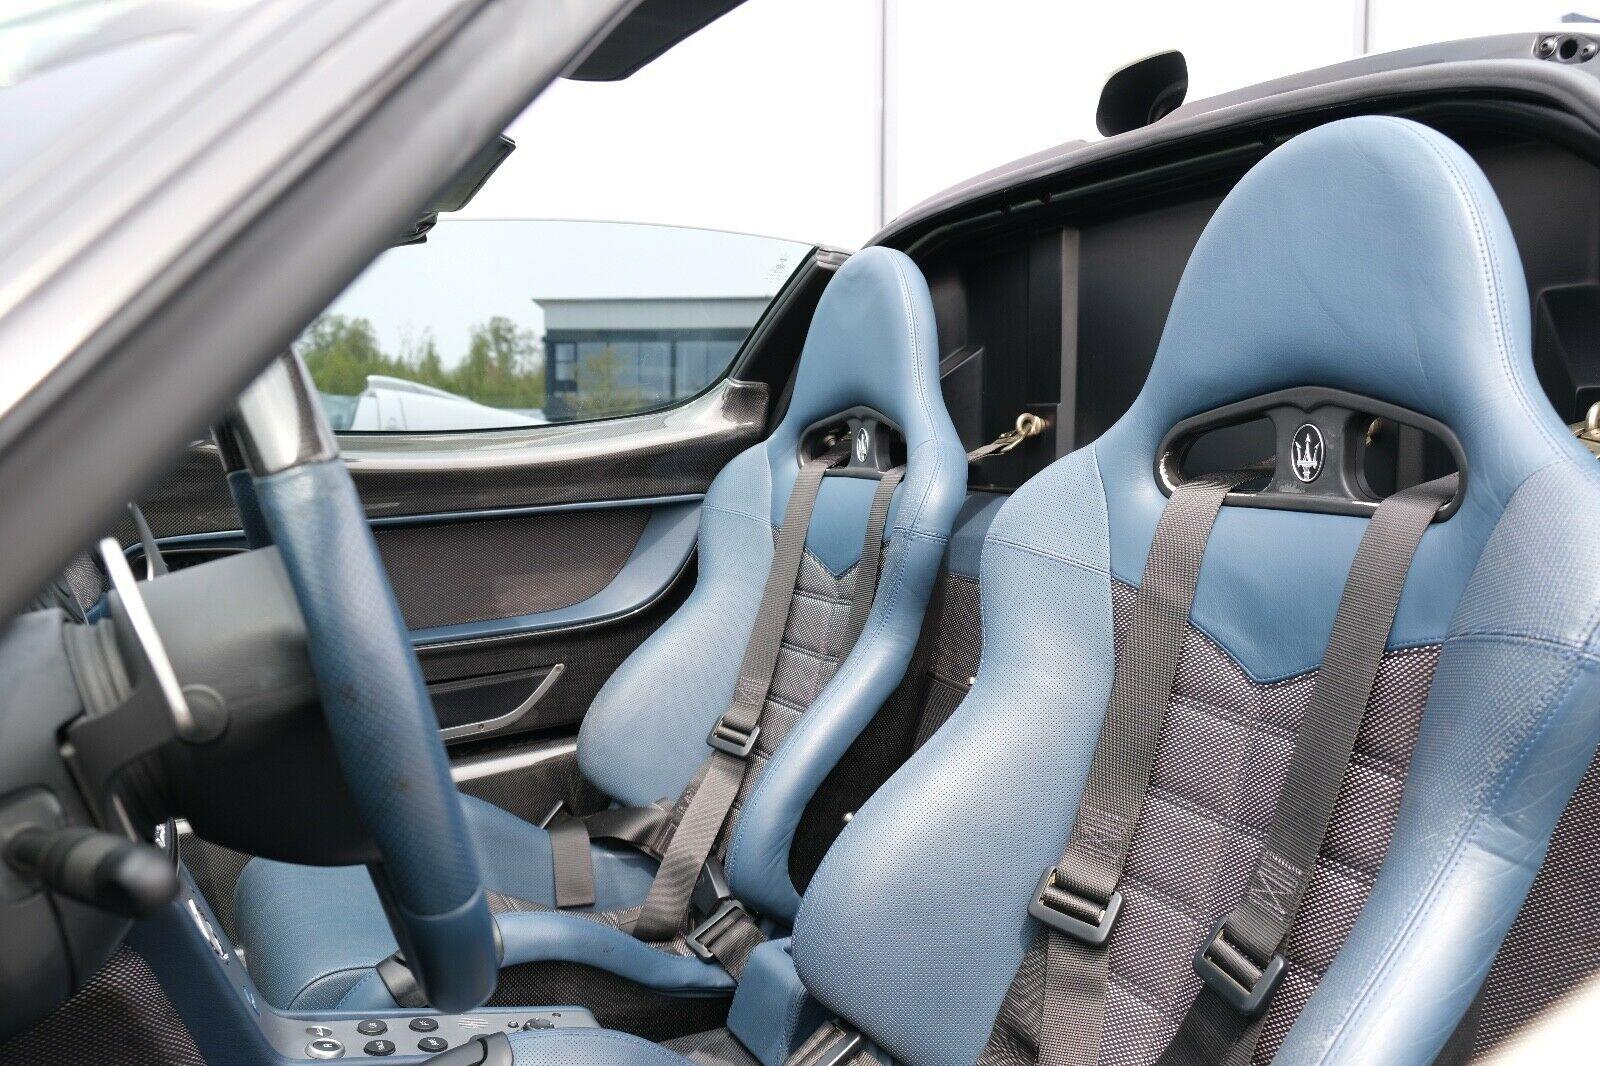 Maserati MC12 seats